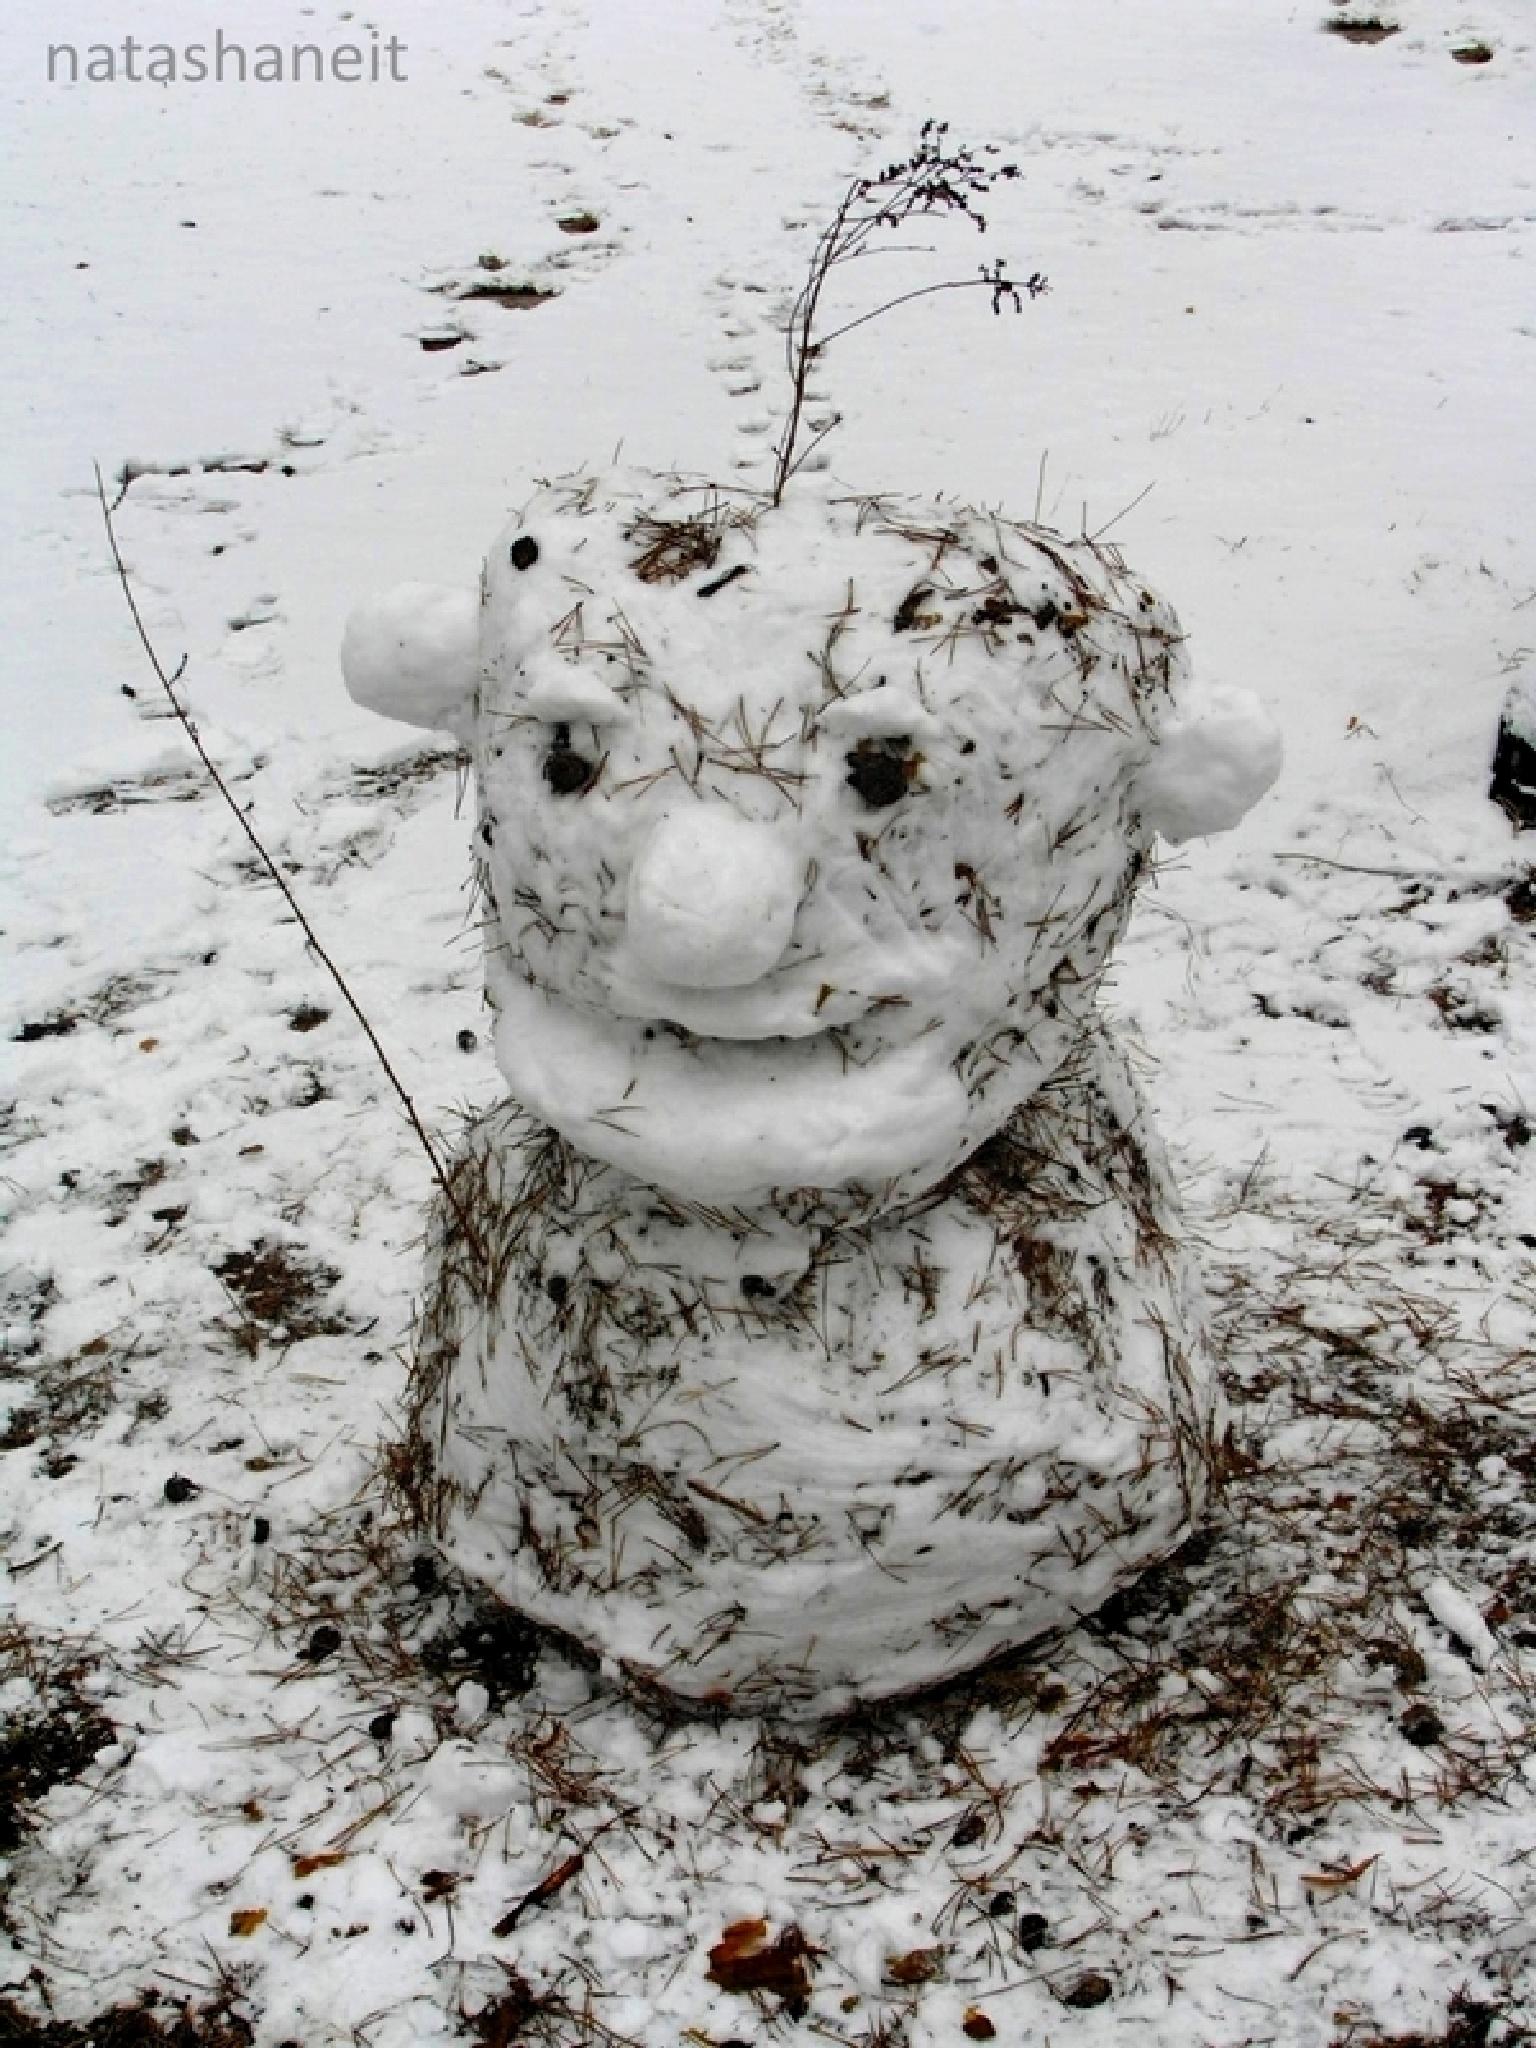 Winter snowman by natashaneit